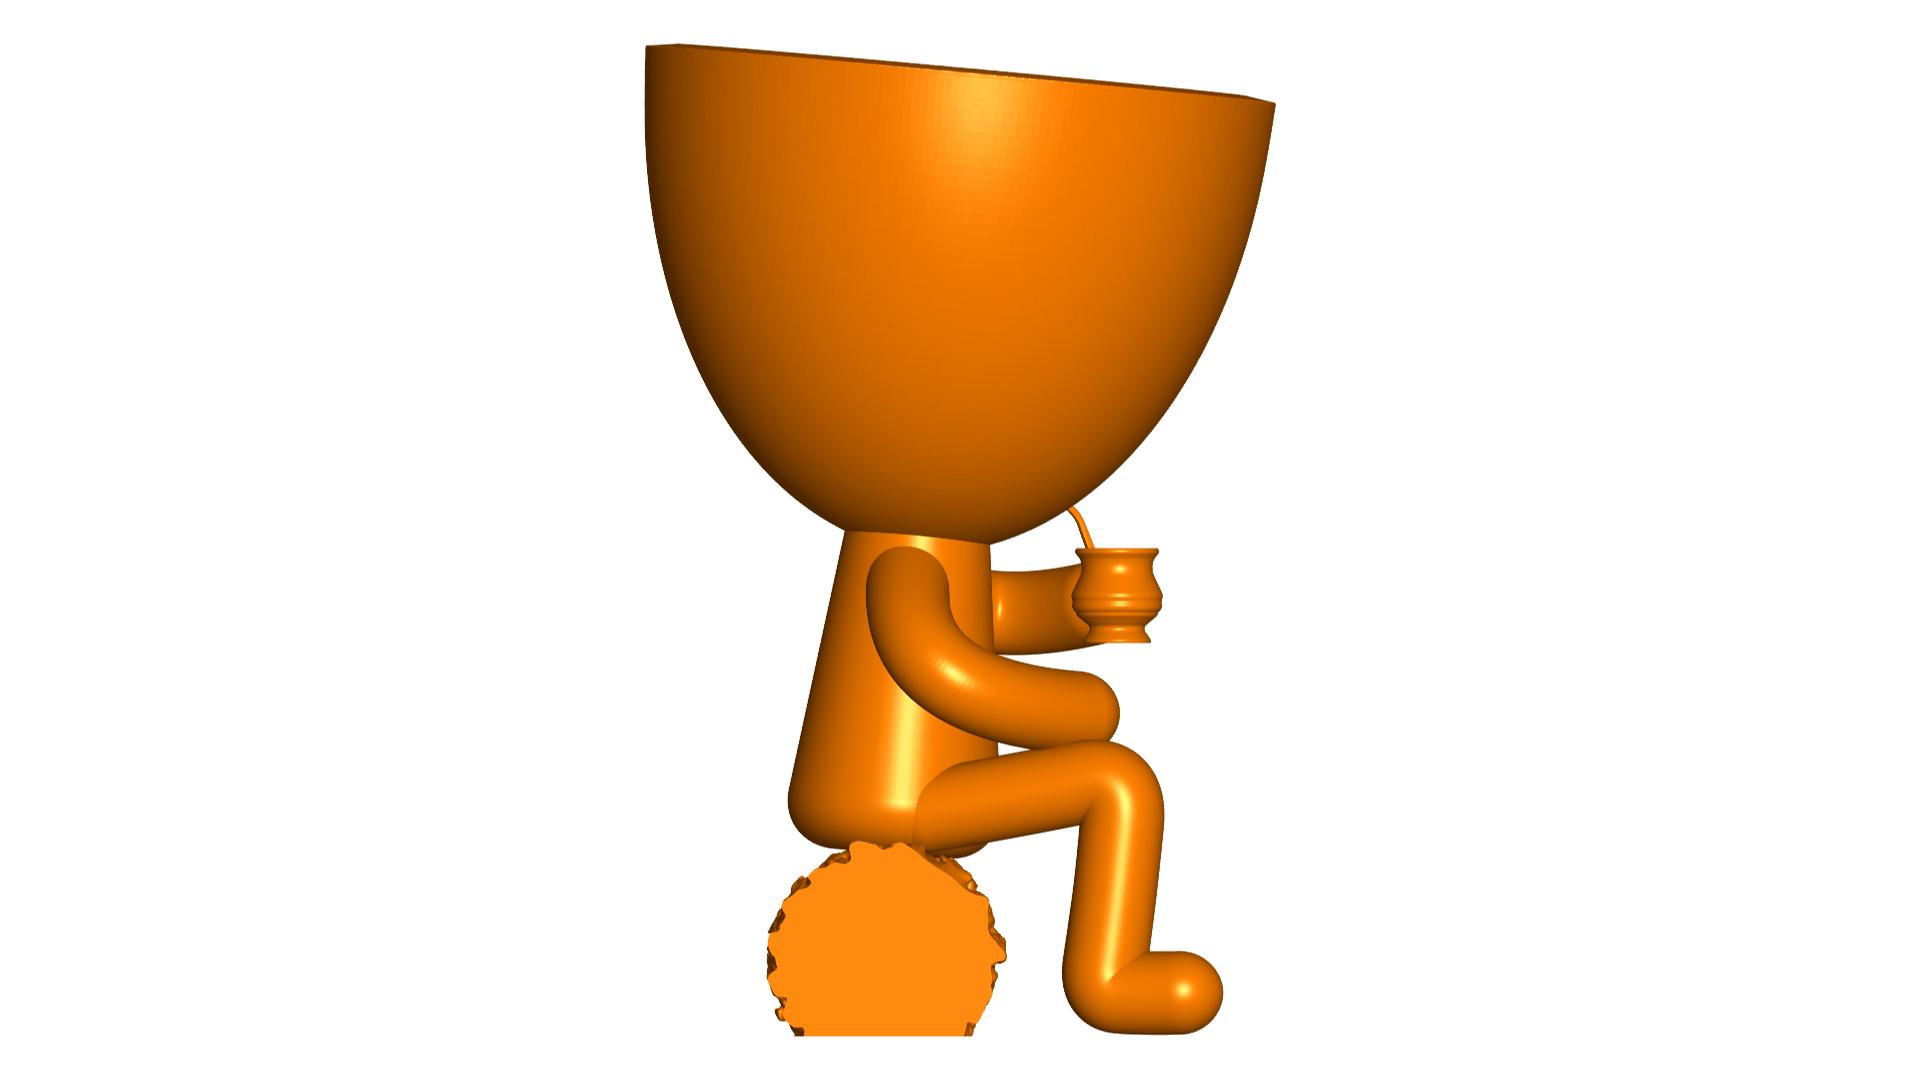 Robert Mate_3.png Télécharger fichier STL gratuit Vase pot de fleurs Argentine Uruguayen Mate Robert Plant - Vase pot de fleurs Argentine Uruguayen Mate Robert • Modèle imprimable en 3D, CREATIONSISHI